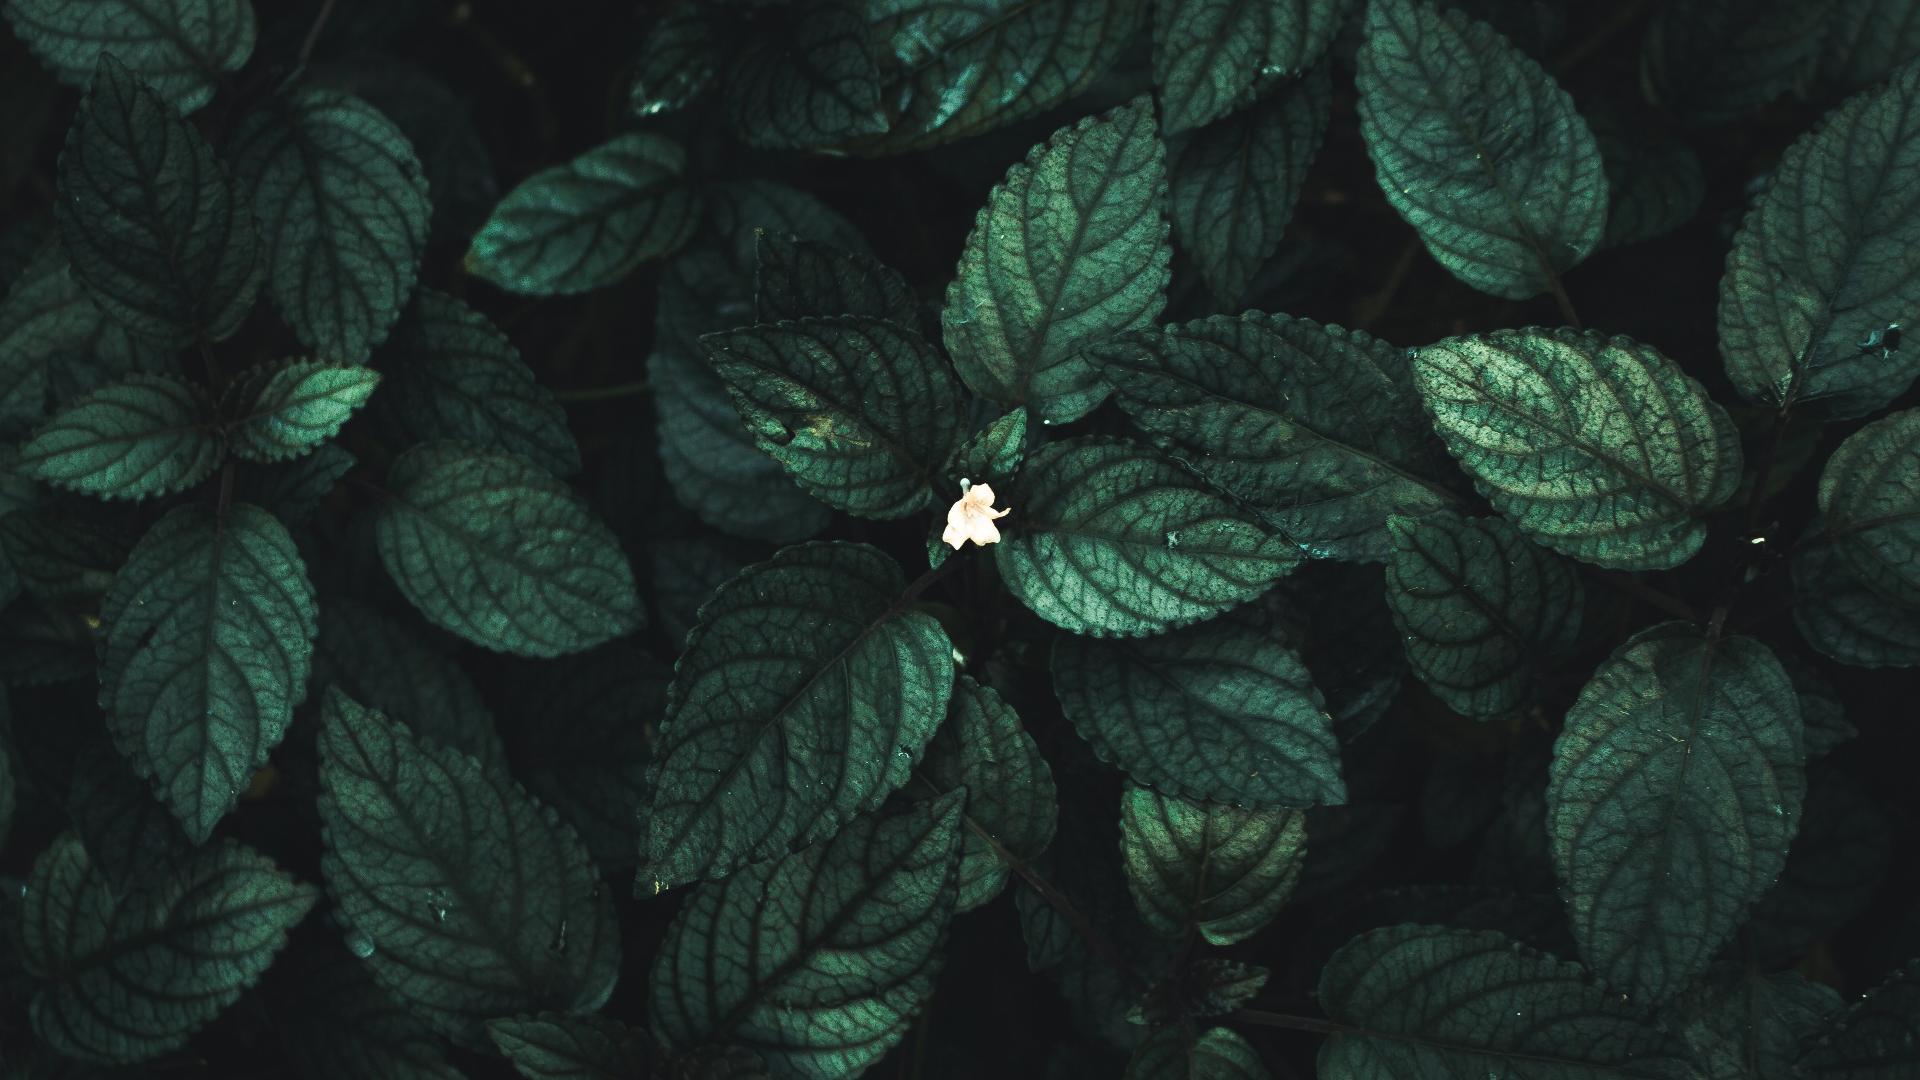 General 1920x1080 macro leaves flowers